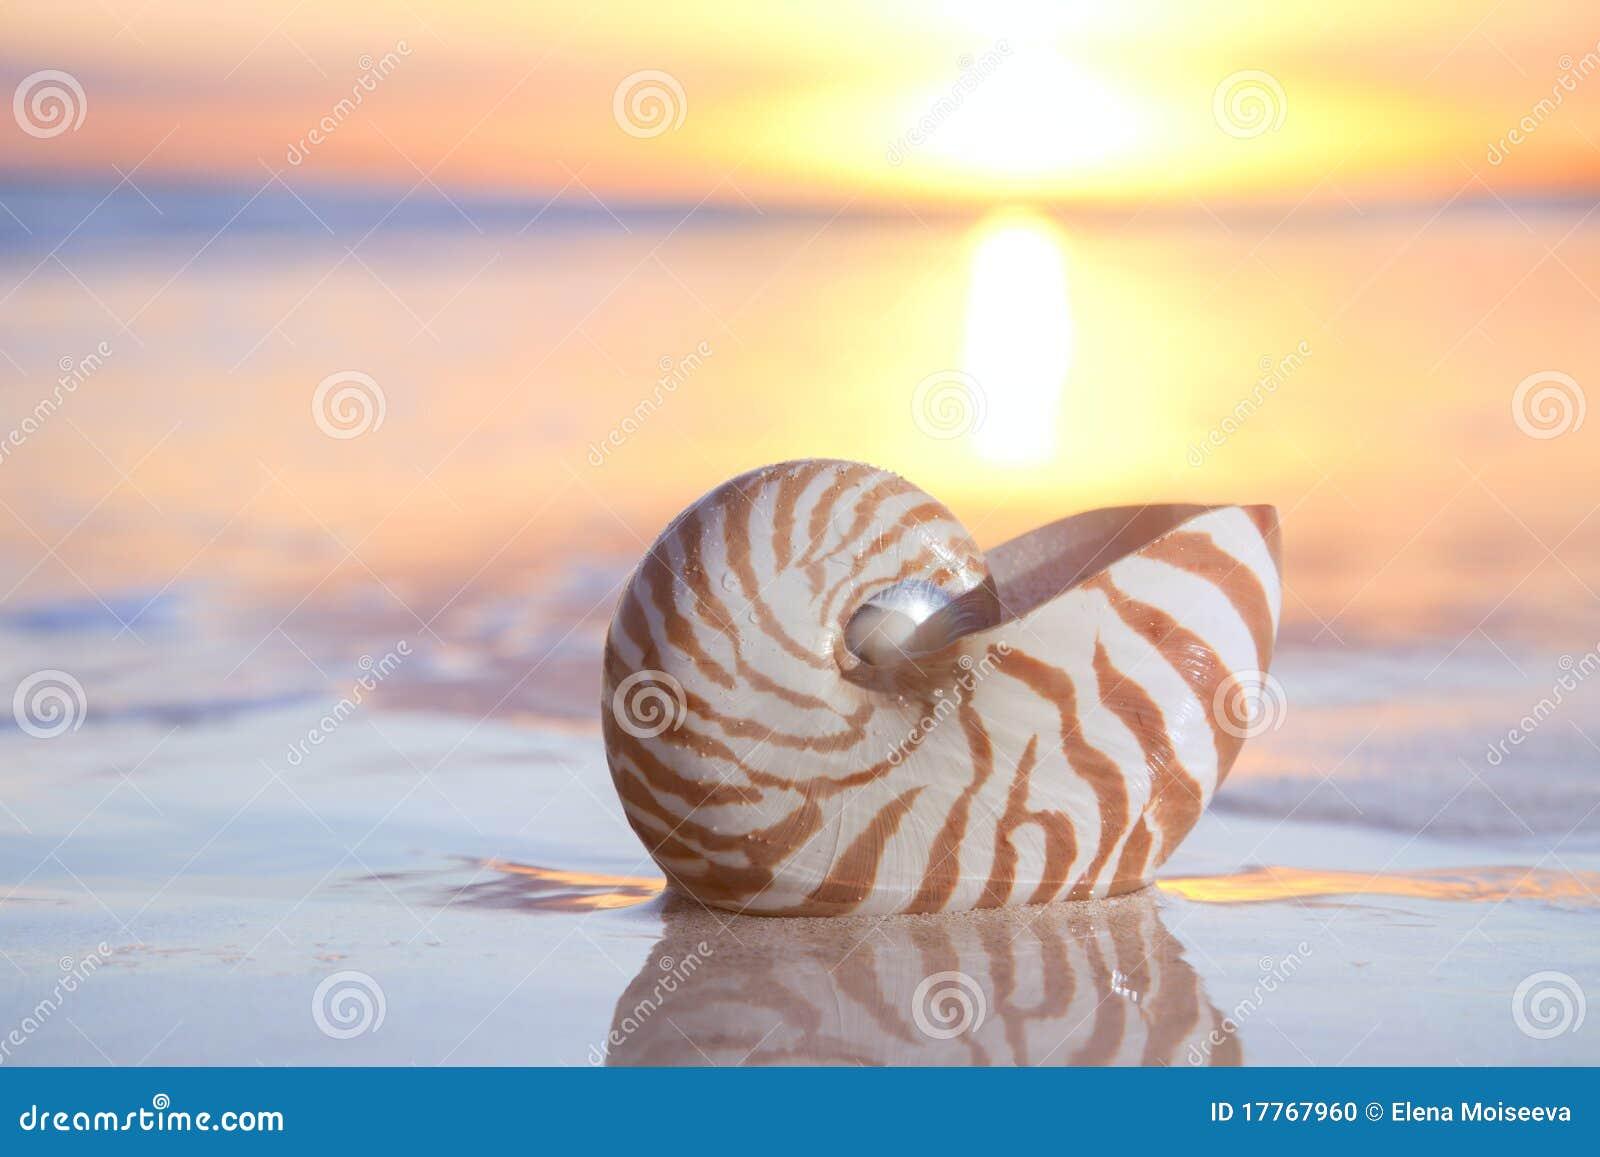 Nautilus shell in the sea , sunrise